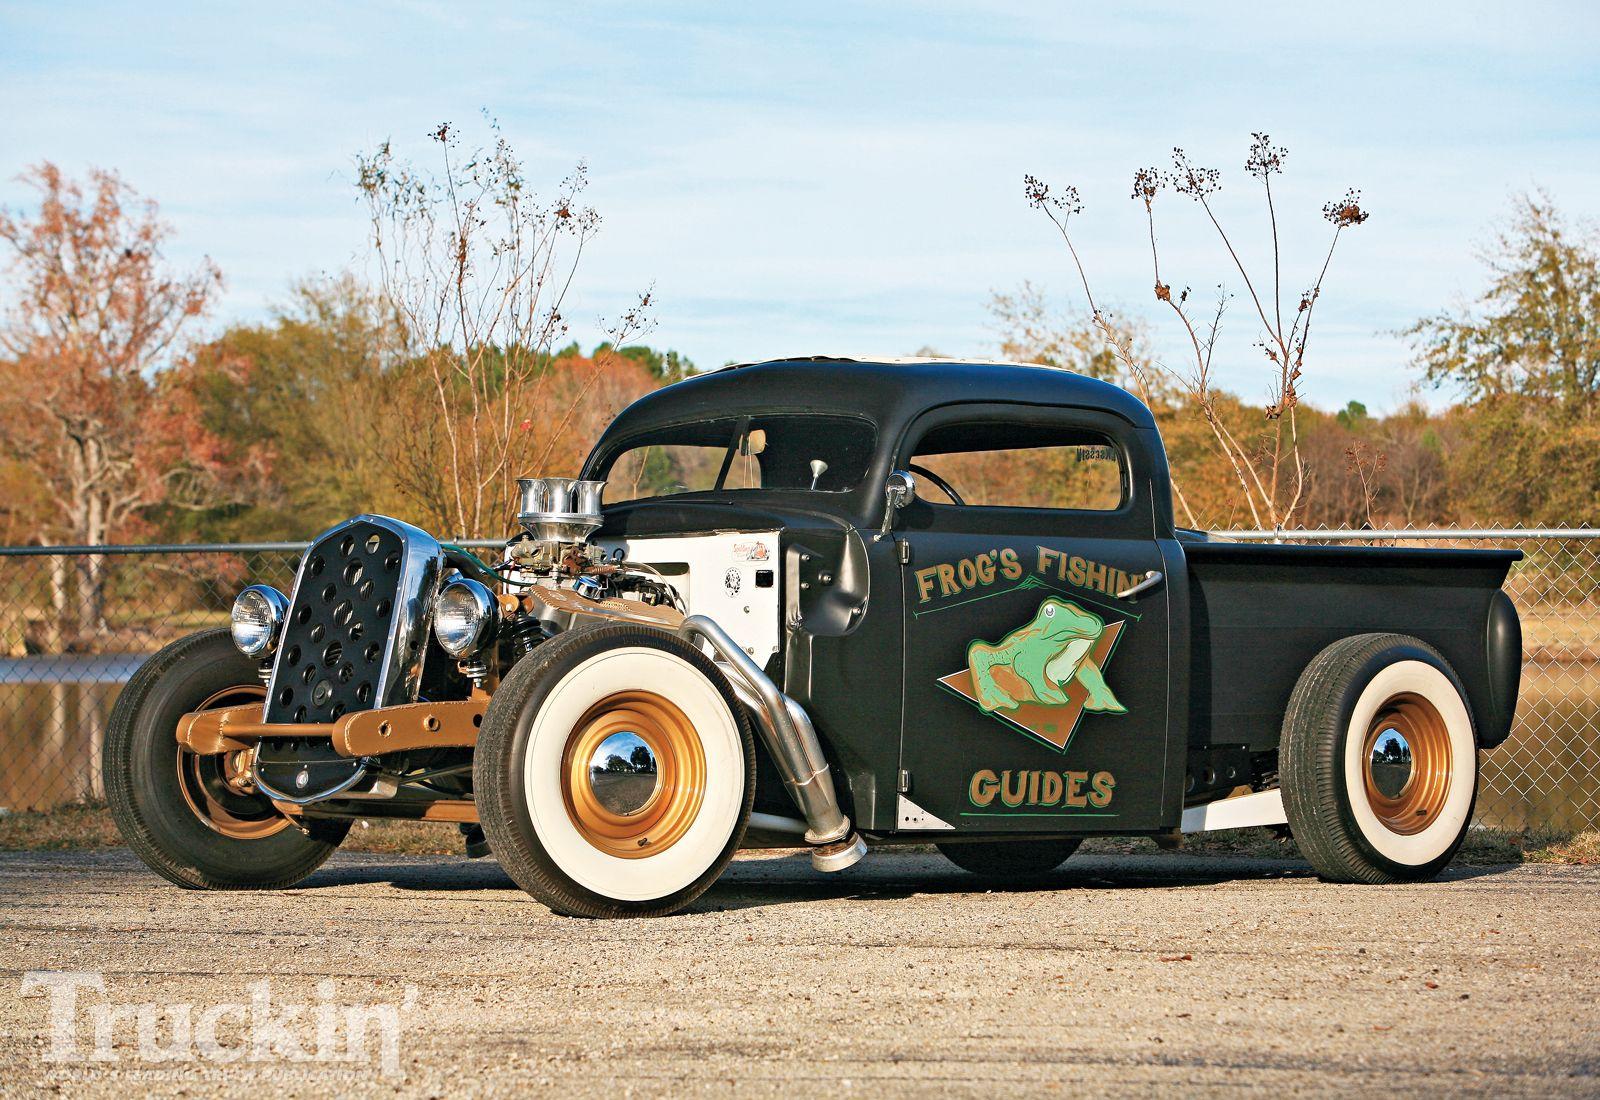 1951 Ford Truck 1951 Ford Truck Rat Rod Hot Rod Trucks